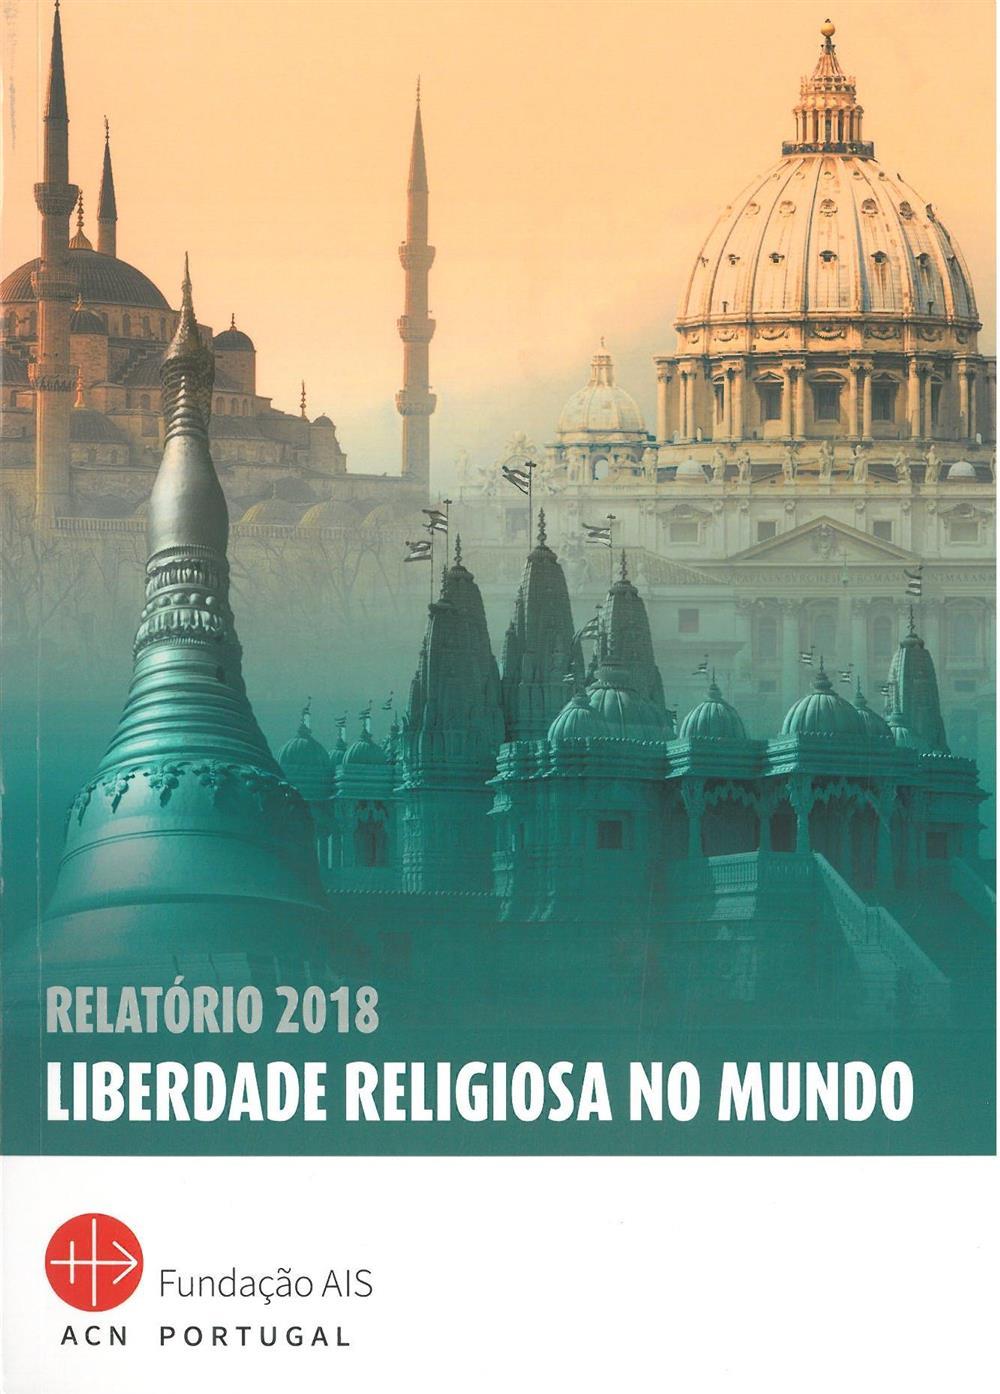 Liberdade religiosa no mundo.jpg